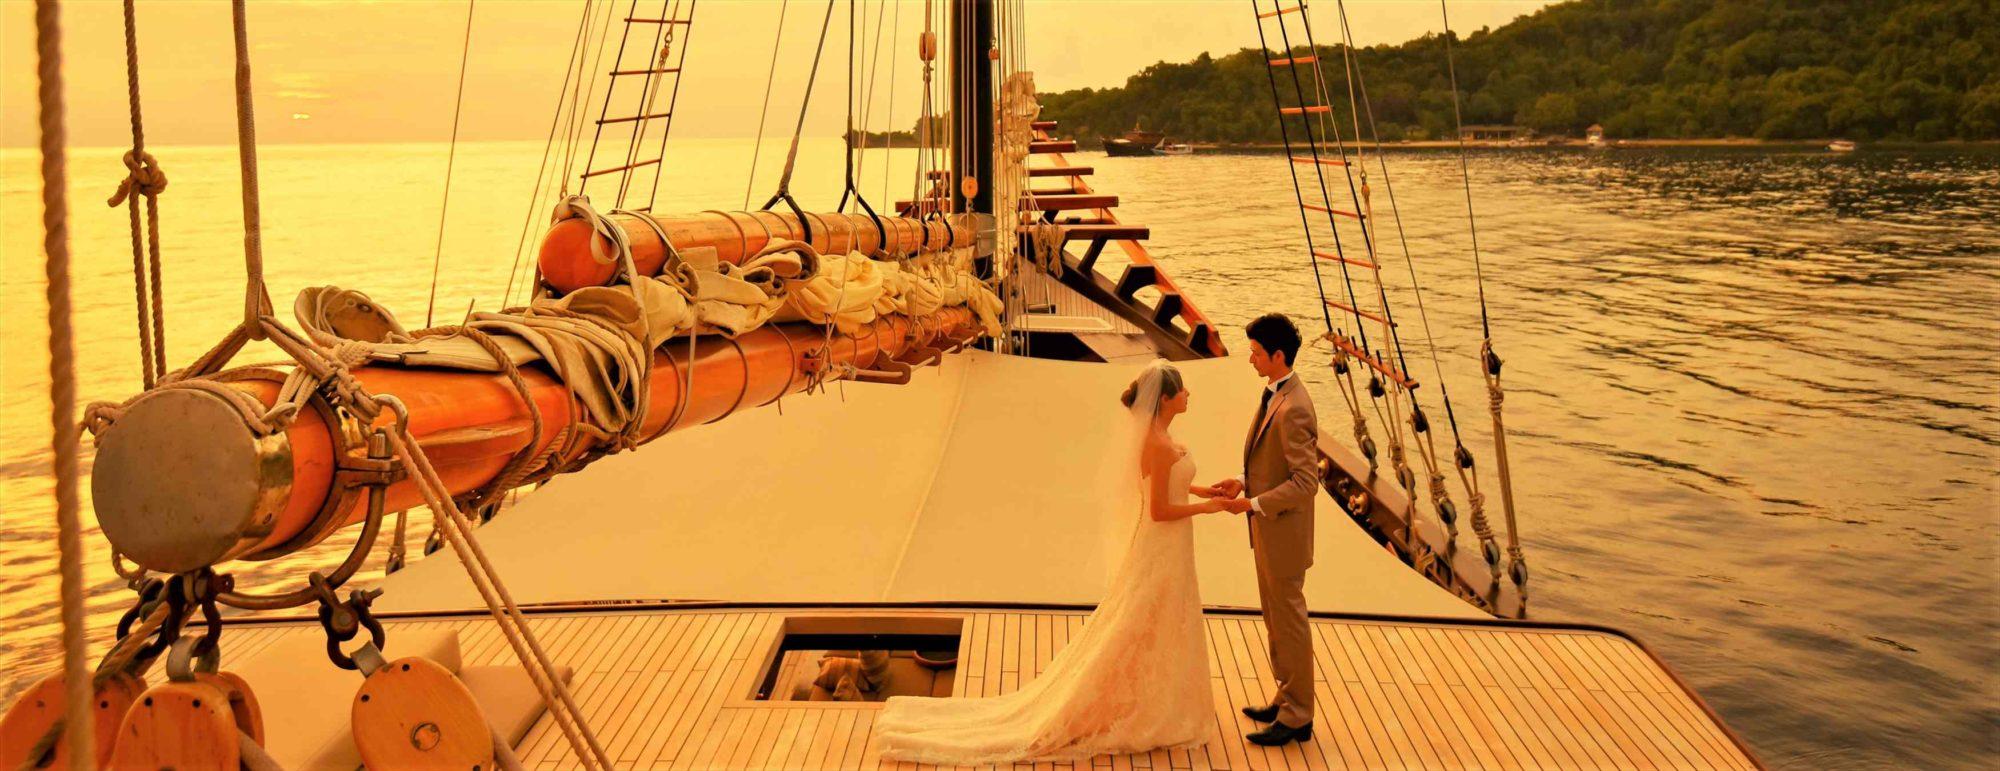 バリ島船上ウェディング Amandira & Amanwana アマンディラ&アマンワナ挙式